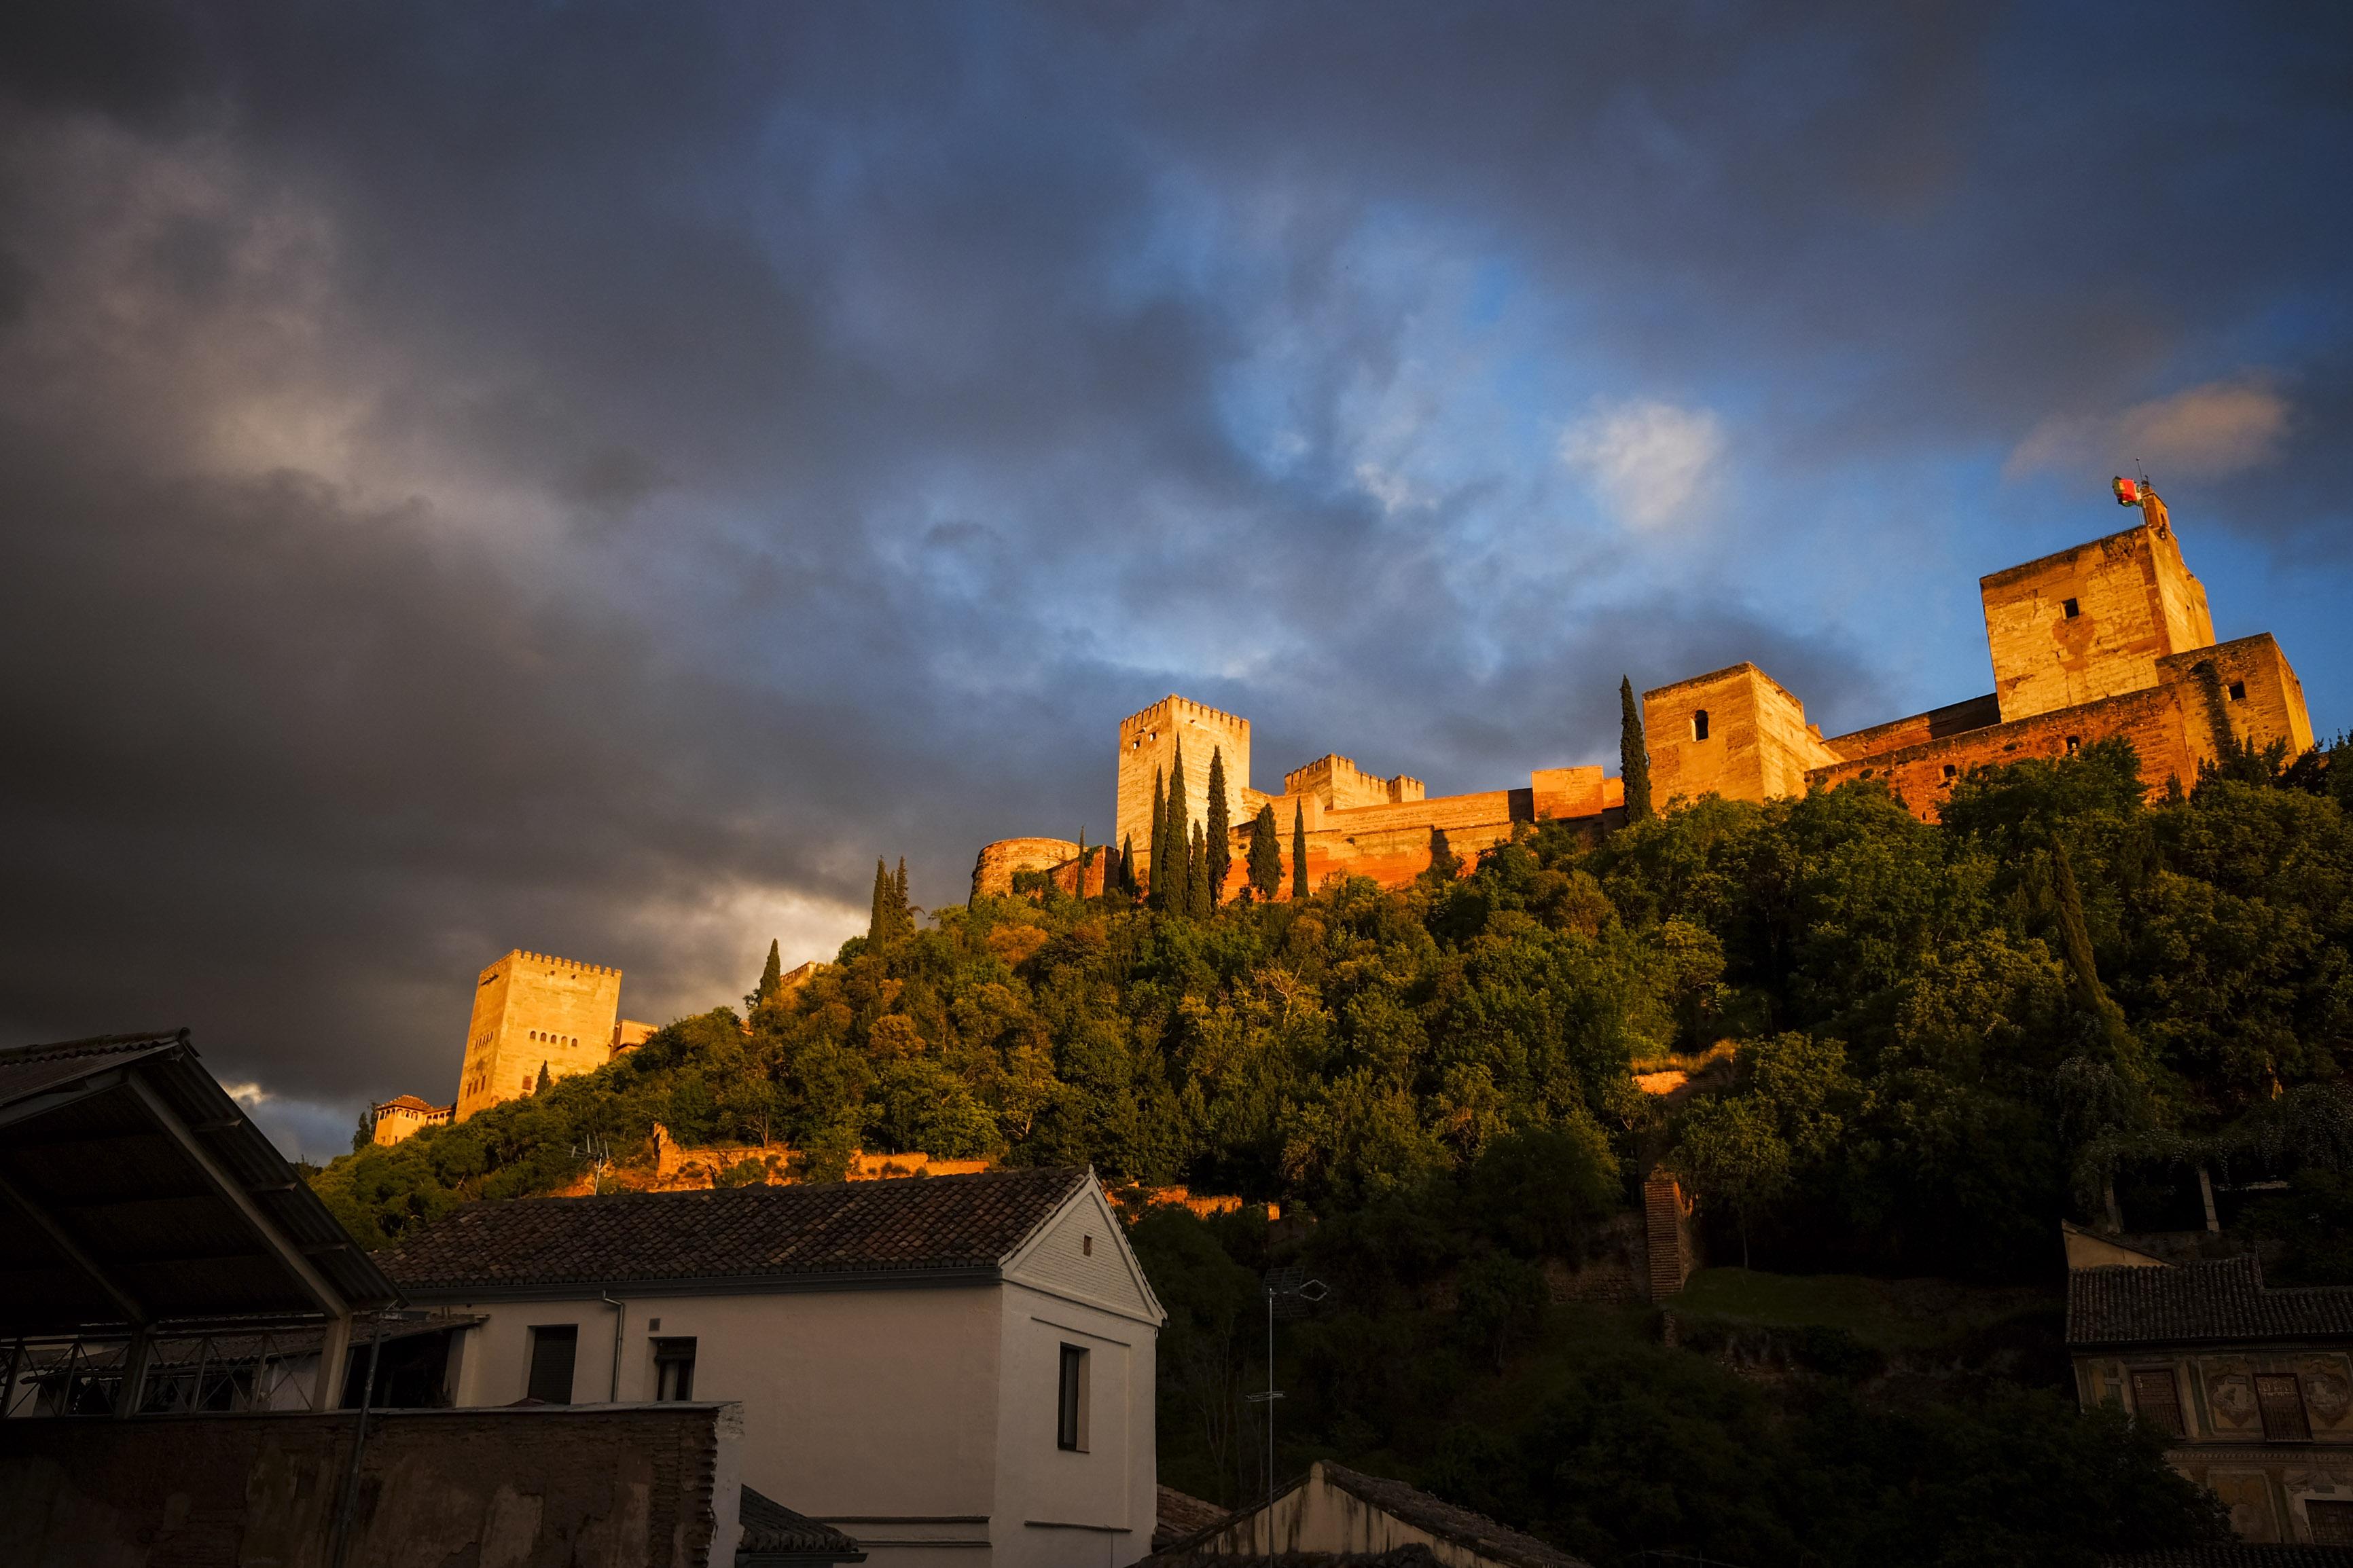 beim abendlichen Wein feuert die Alhambra